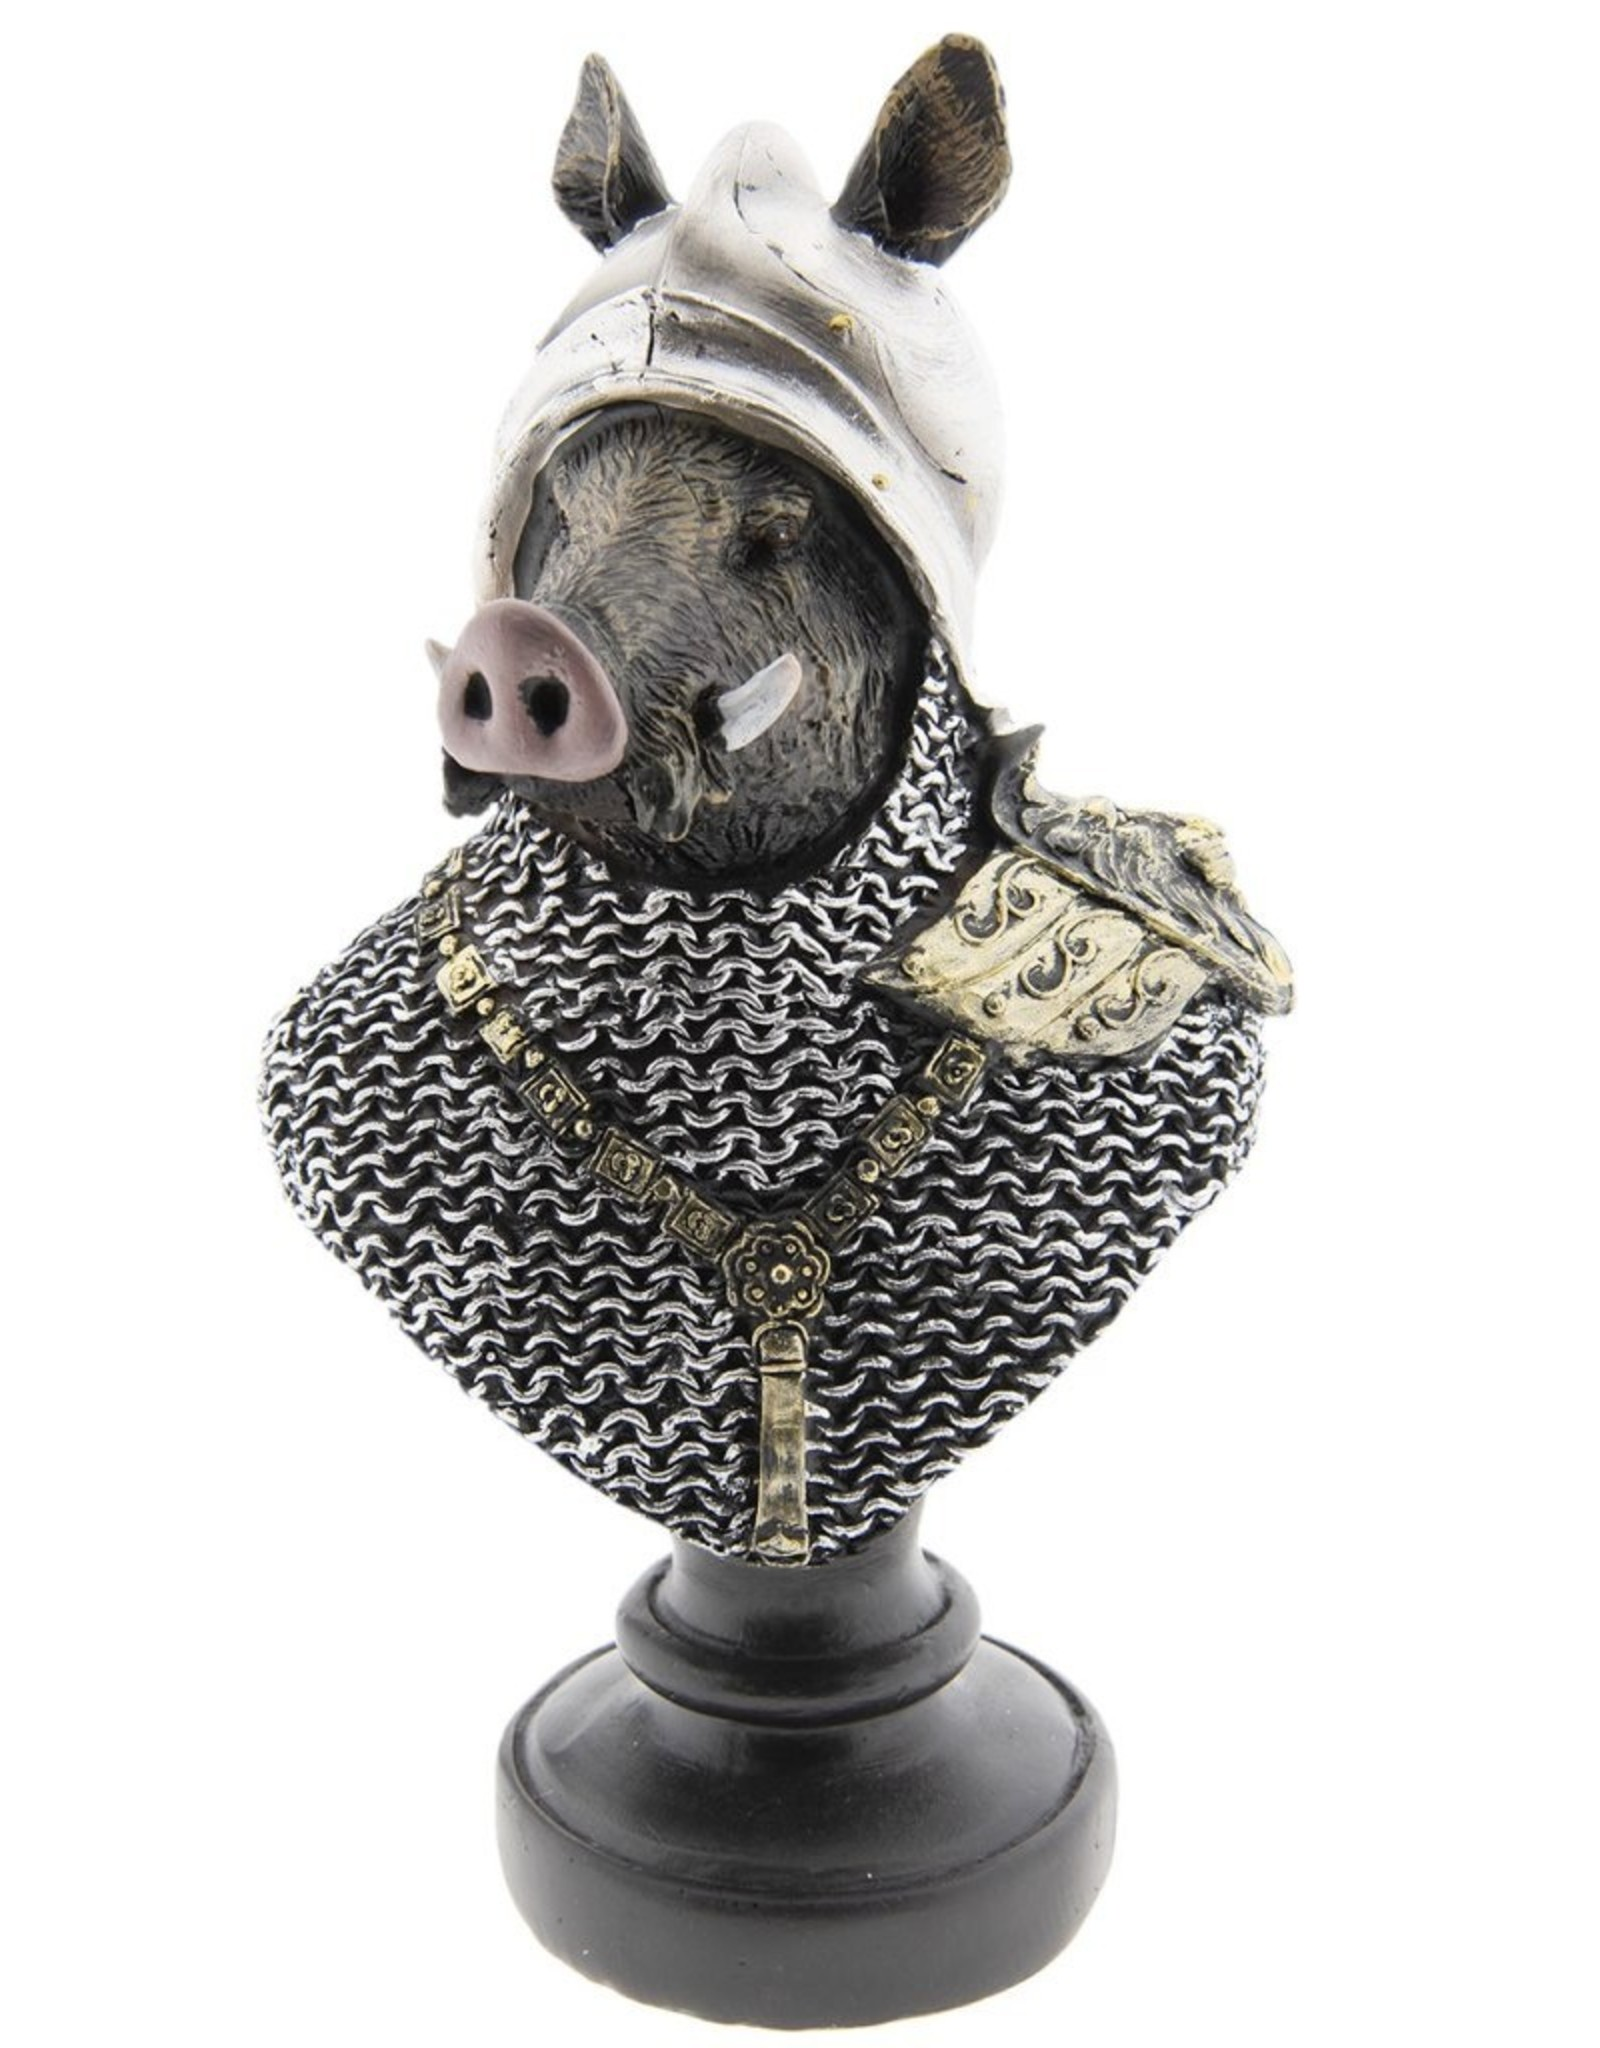 Wild Zwijn ridder beeld Giftware Beelden Collectables - Wild Zwijn Ridder beeld 25cm (buste)